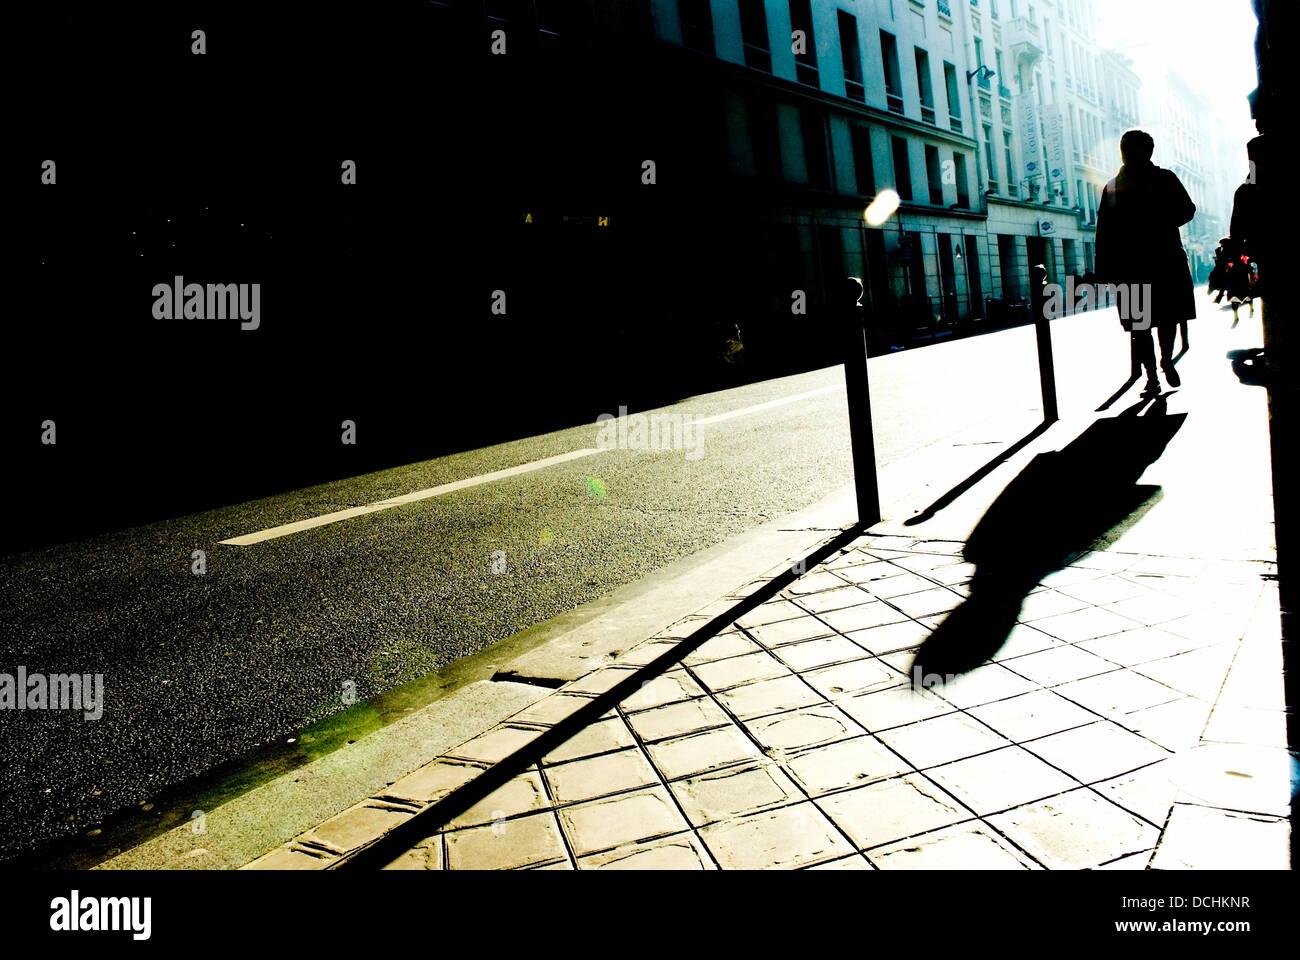 Silhouette und Schatten der Fußgänger auf Gehsteig, Paris, Frankreich Stockfoto